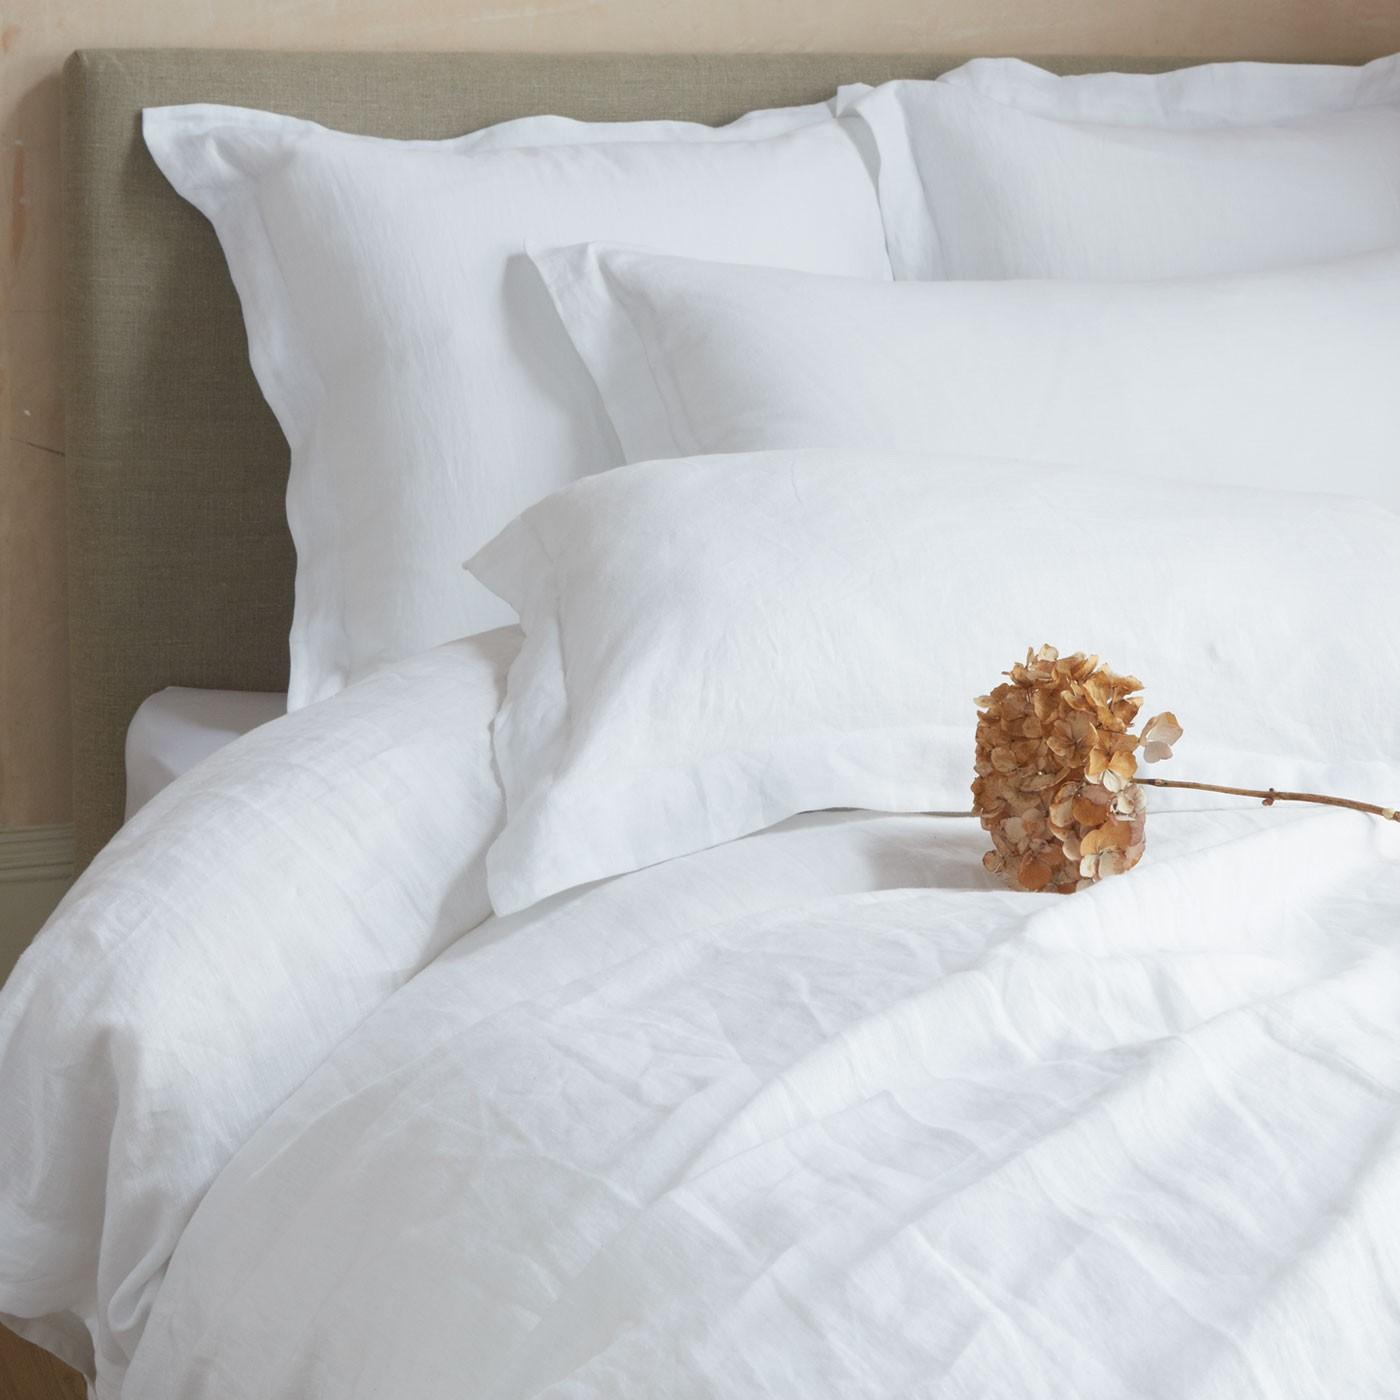 100-ren-fransk-seng-linen_bedroom-sengetøj-gray_bedroom_1-værelses-lejligheder-til-leje-cool-ideer-king-size-sæt-ikea-møbler-design-lysekroner-how-to-dekorere-et-modernise- farver